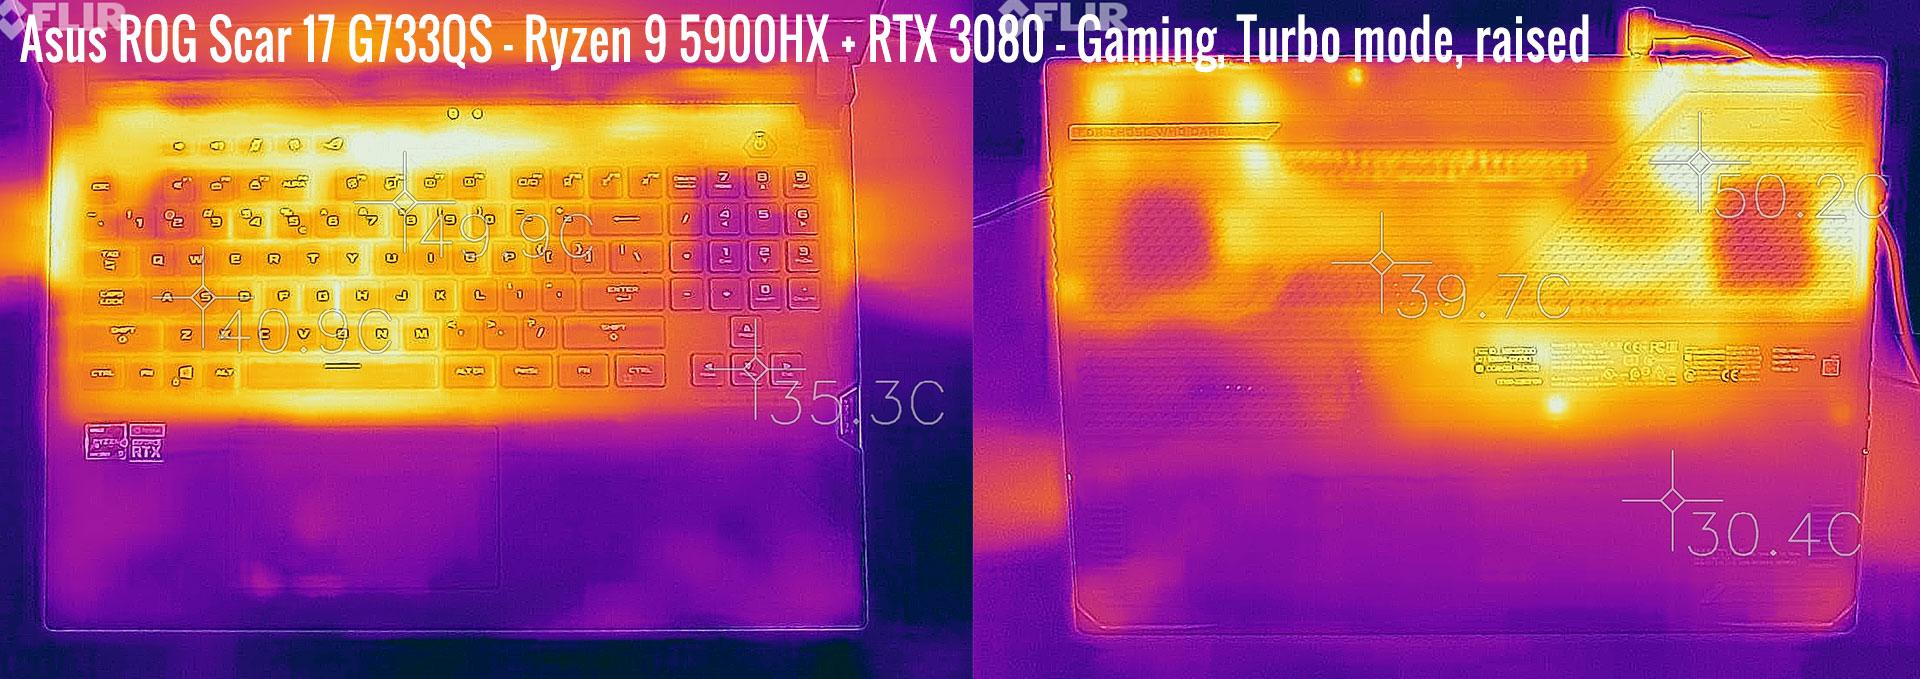 temperatures-scar17-g733qs-gaming-turbo-raised